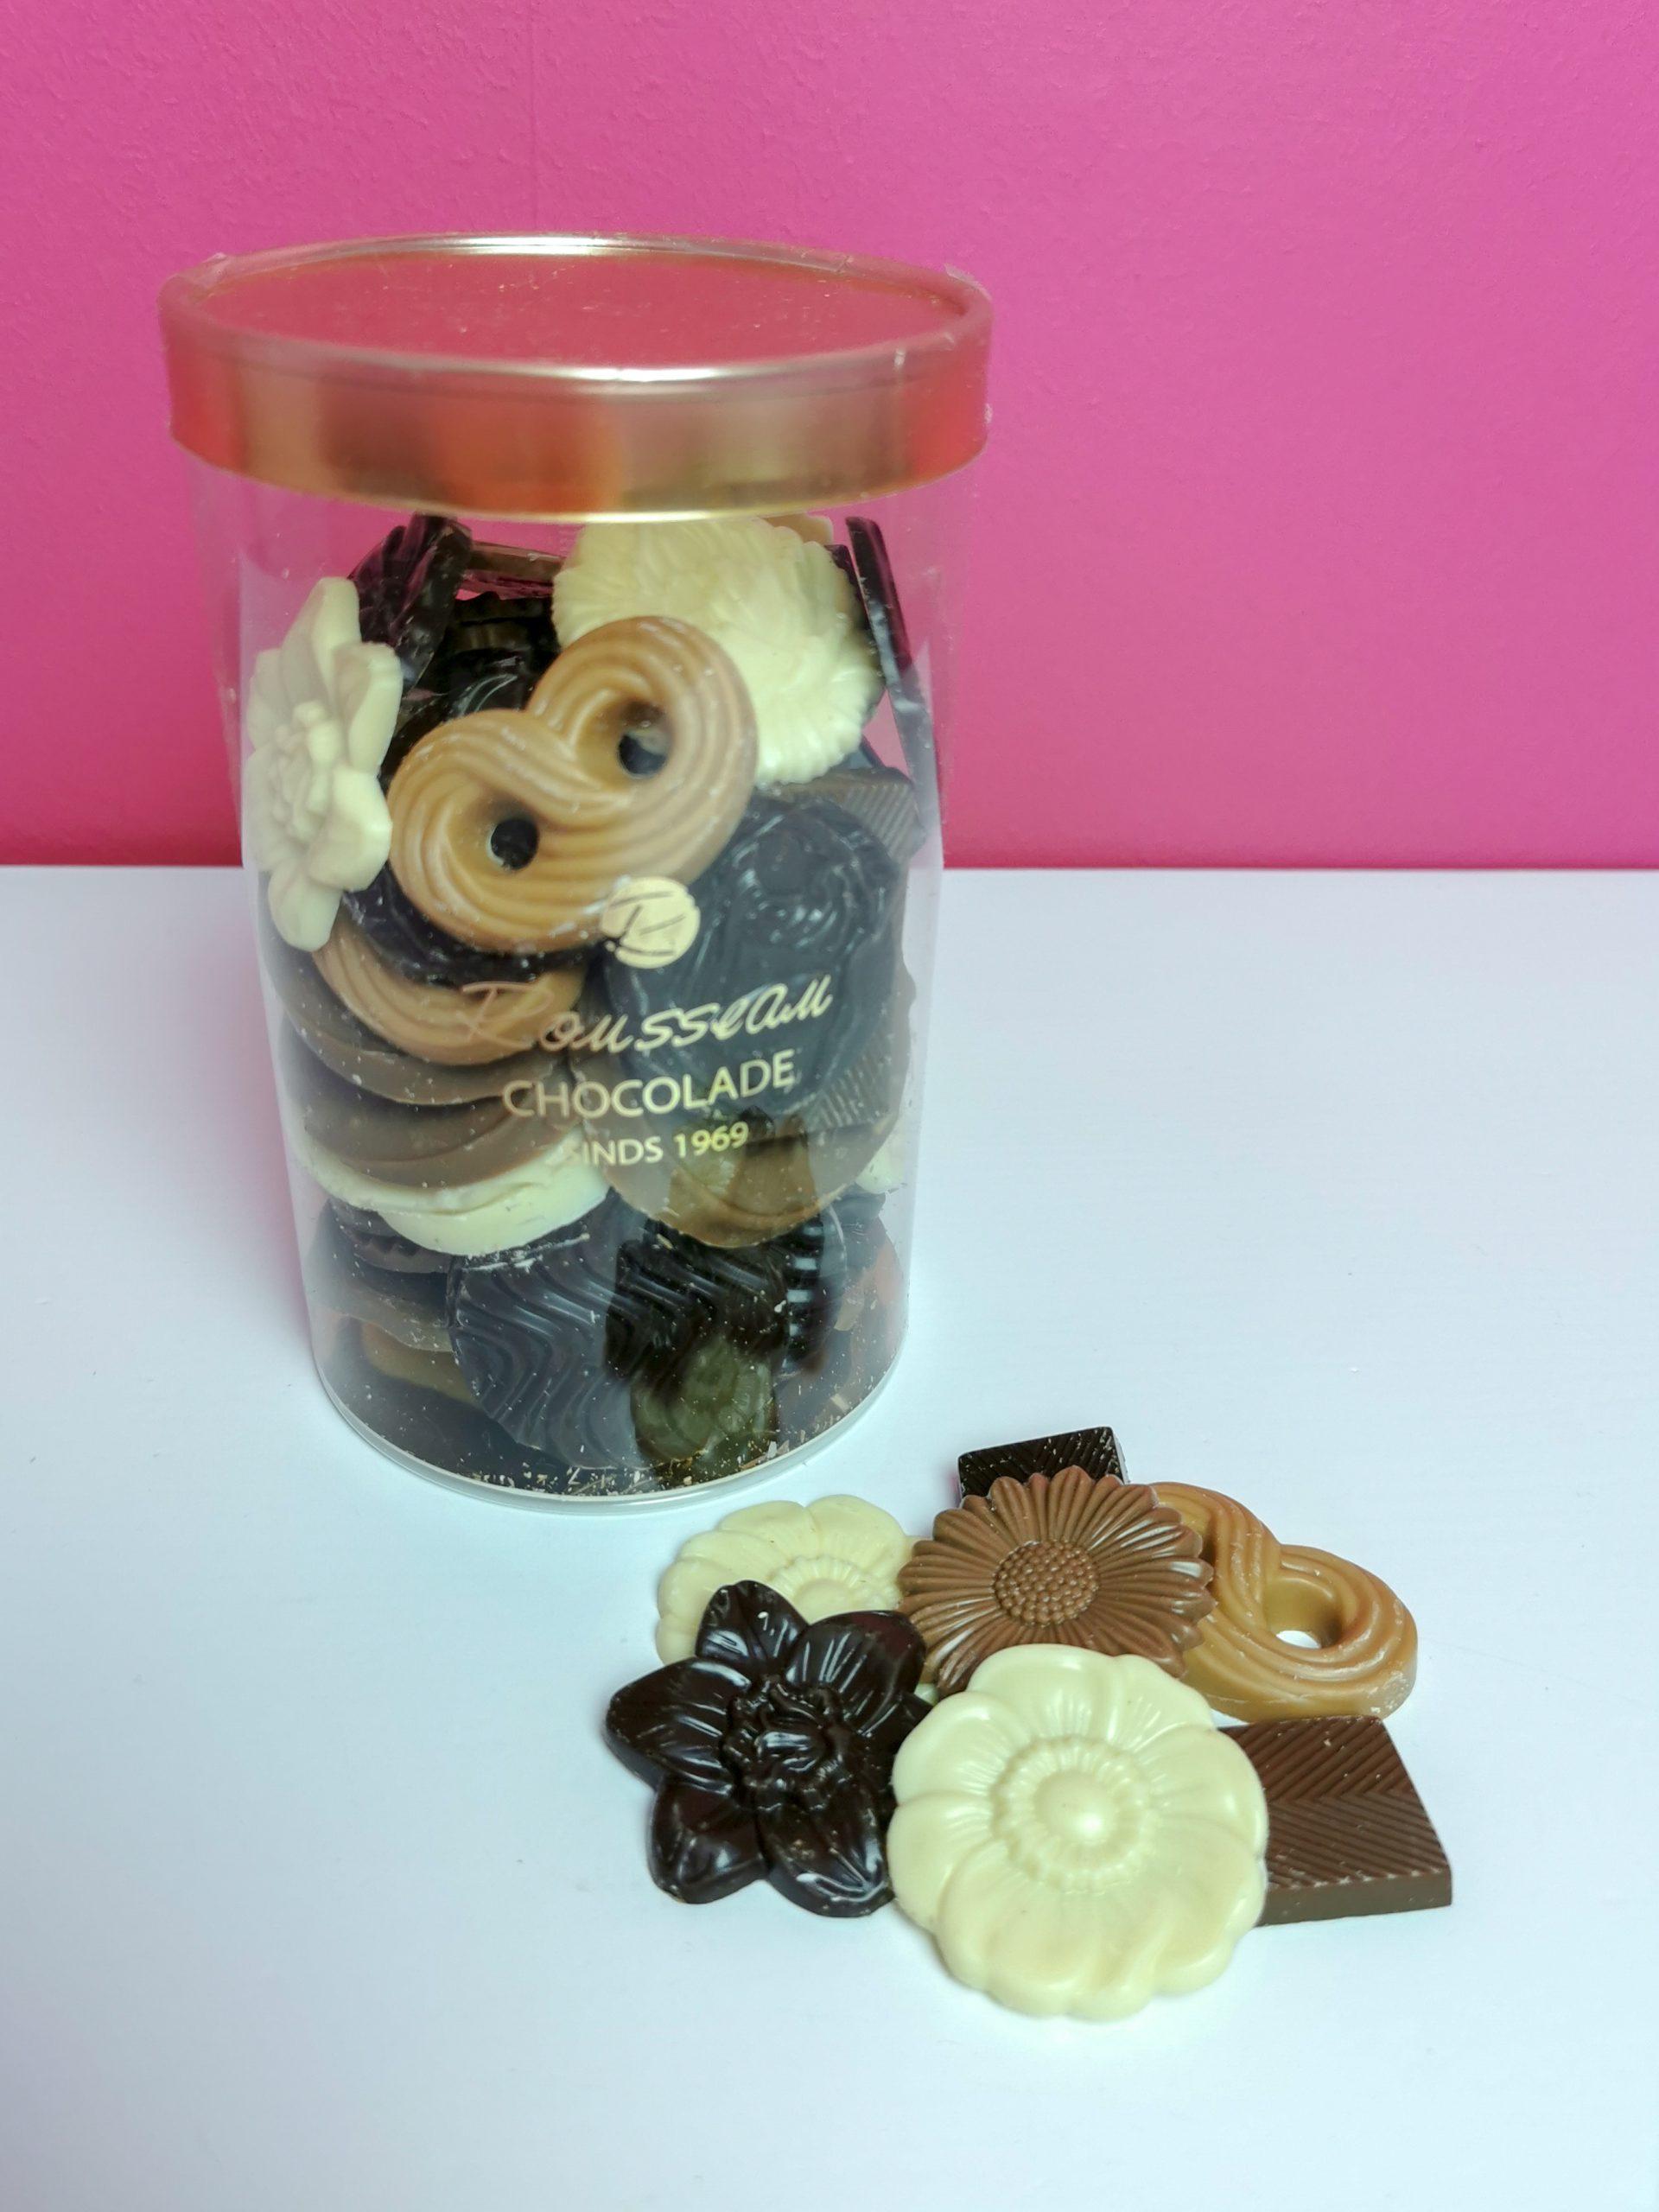 koker chocolaatjes van rousseau